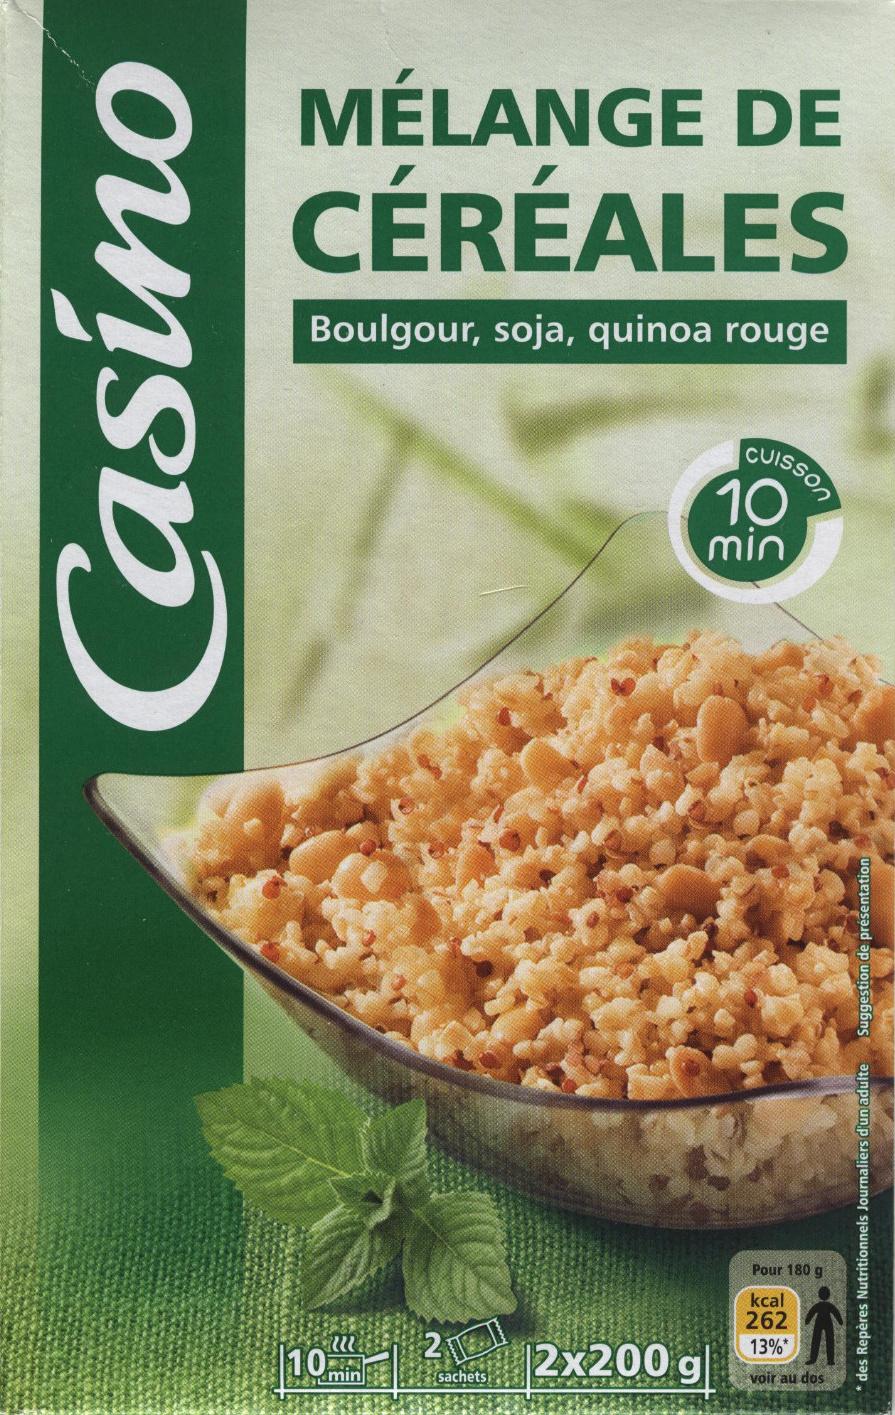 melange de cereales